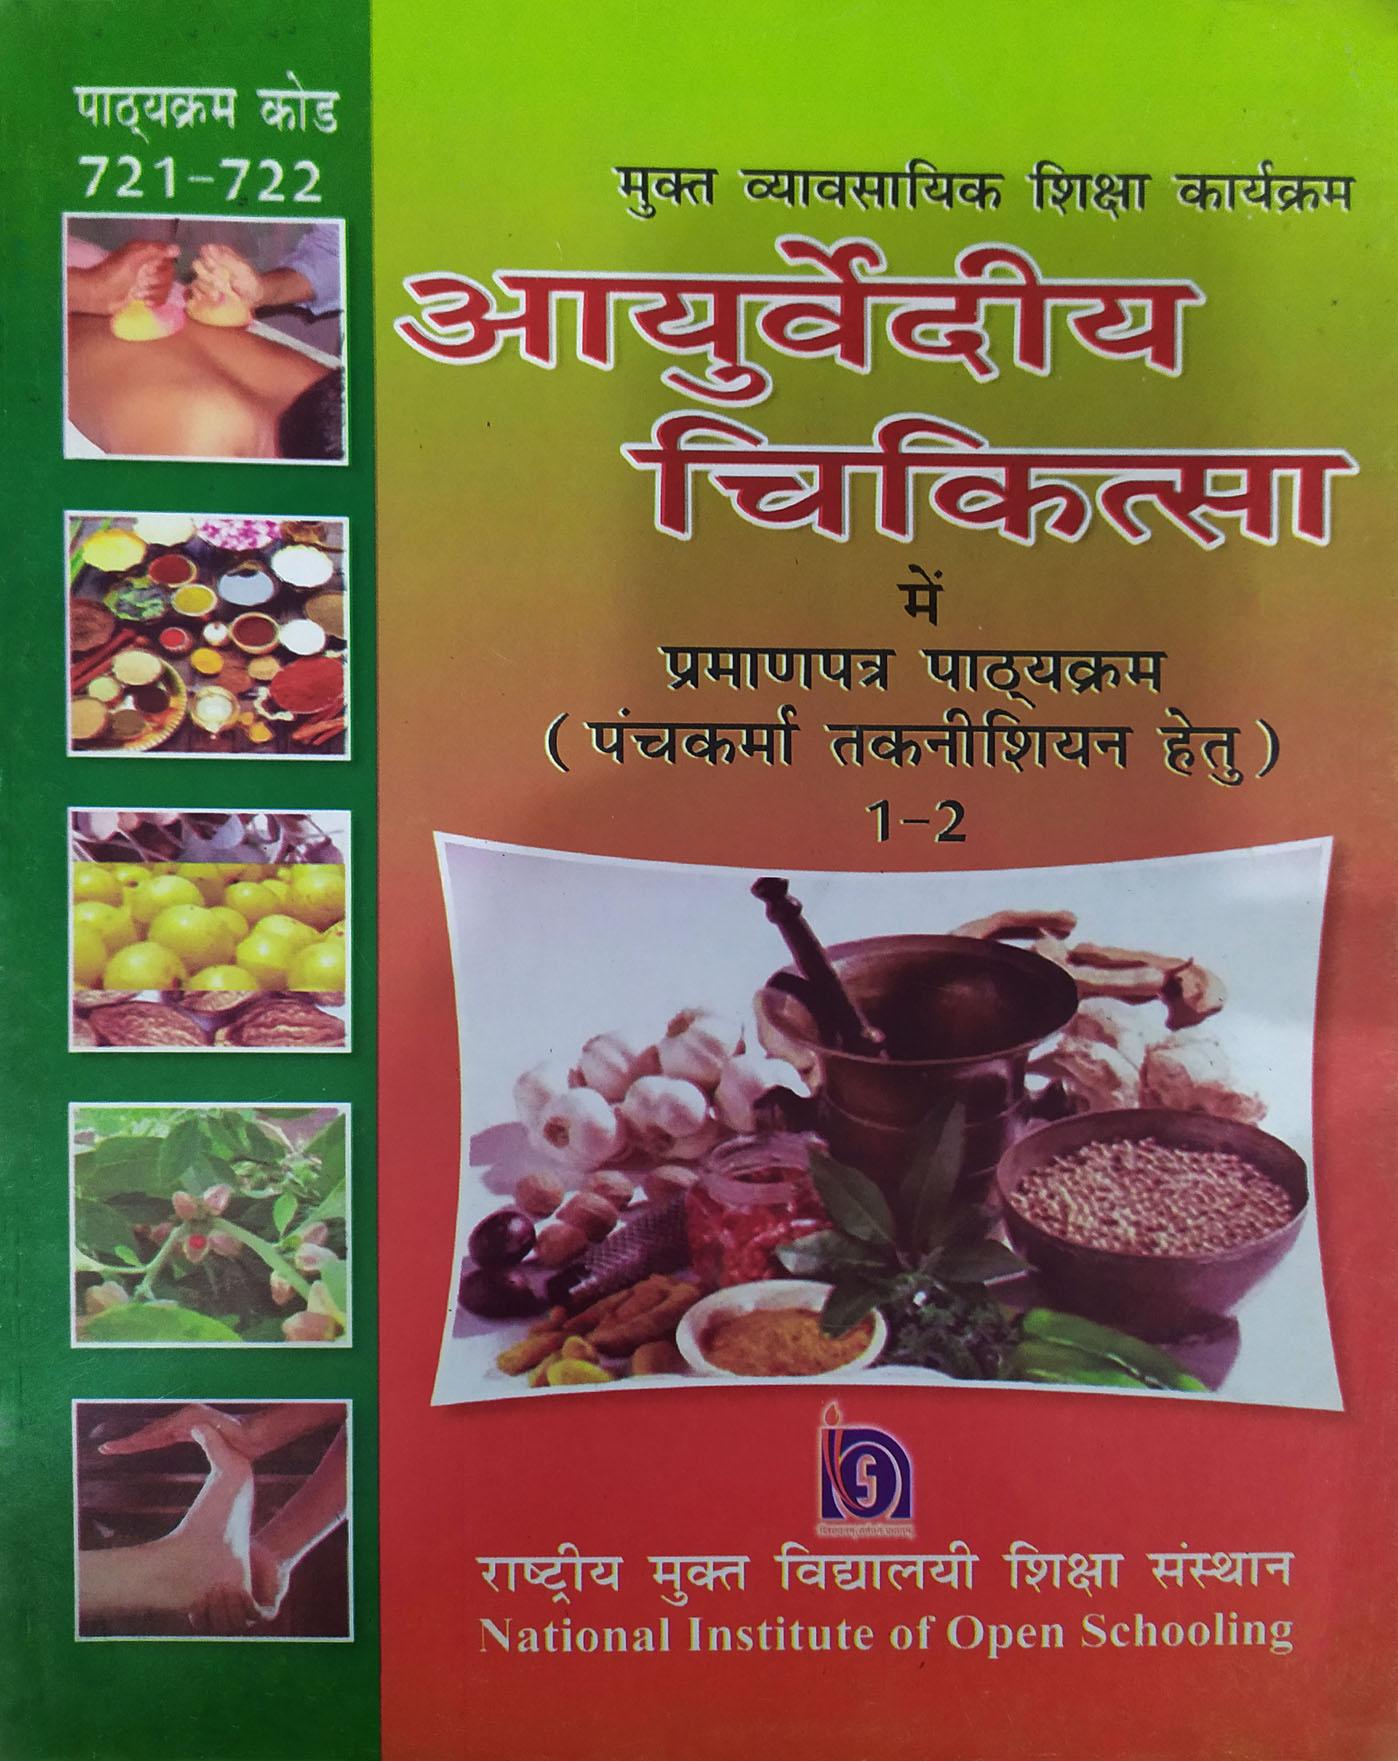 Theory Book (Hindi) - 722